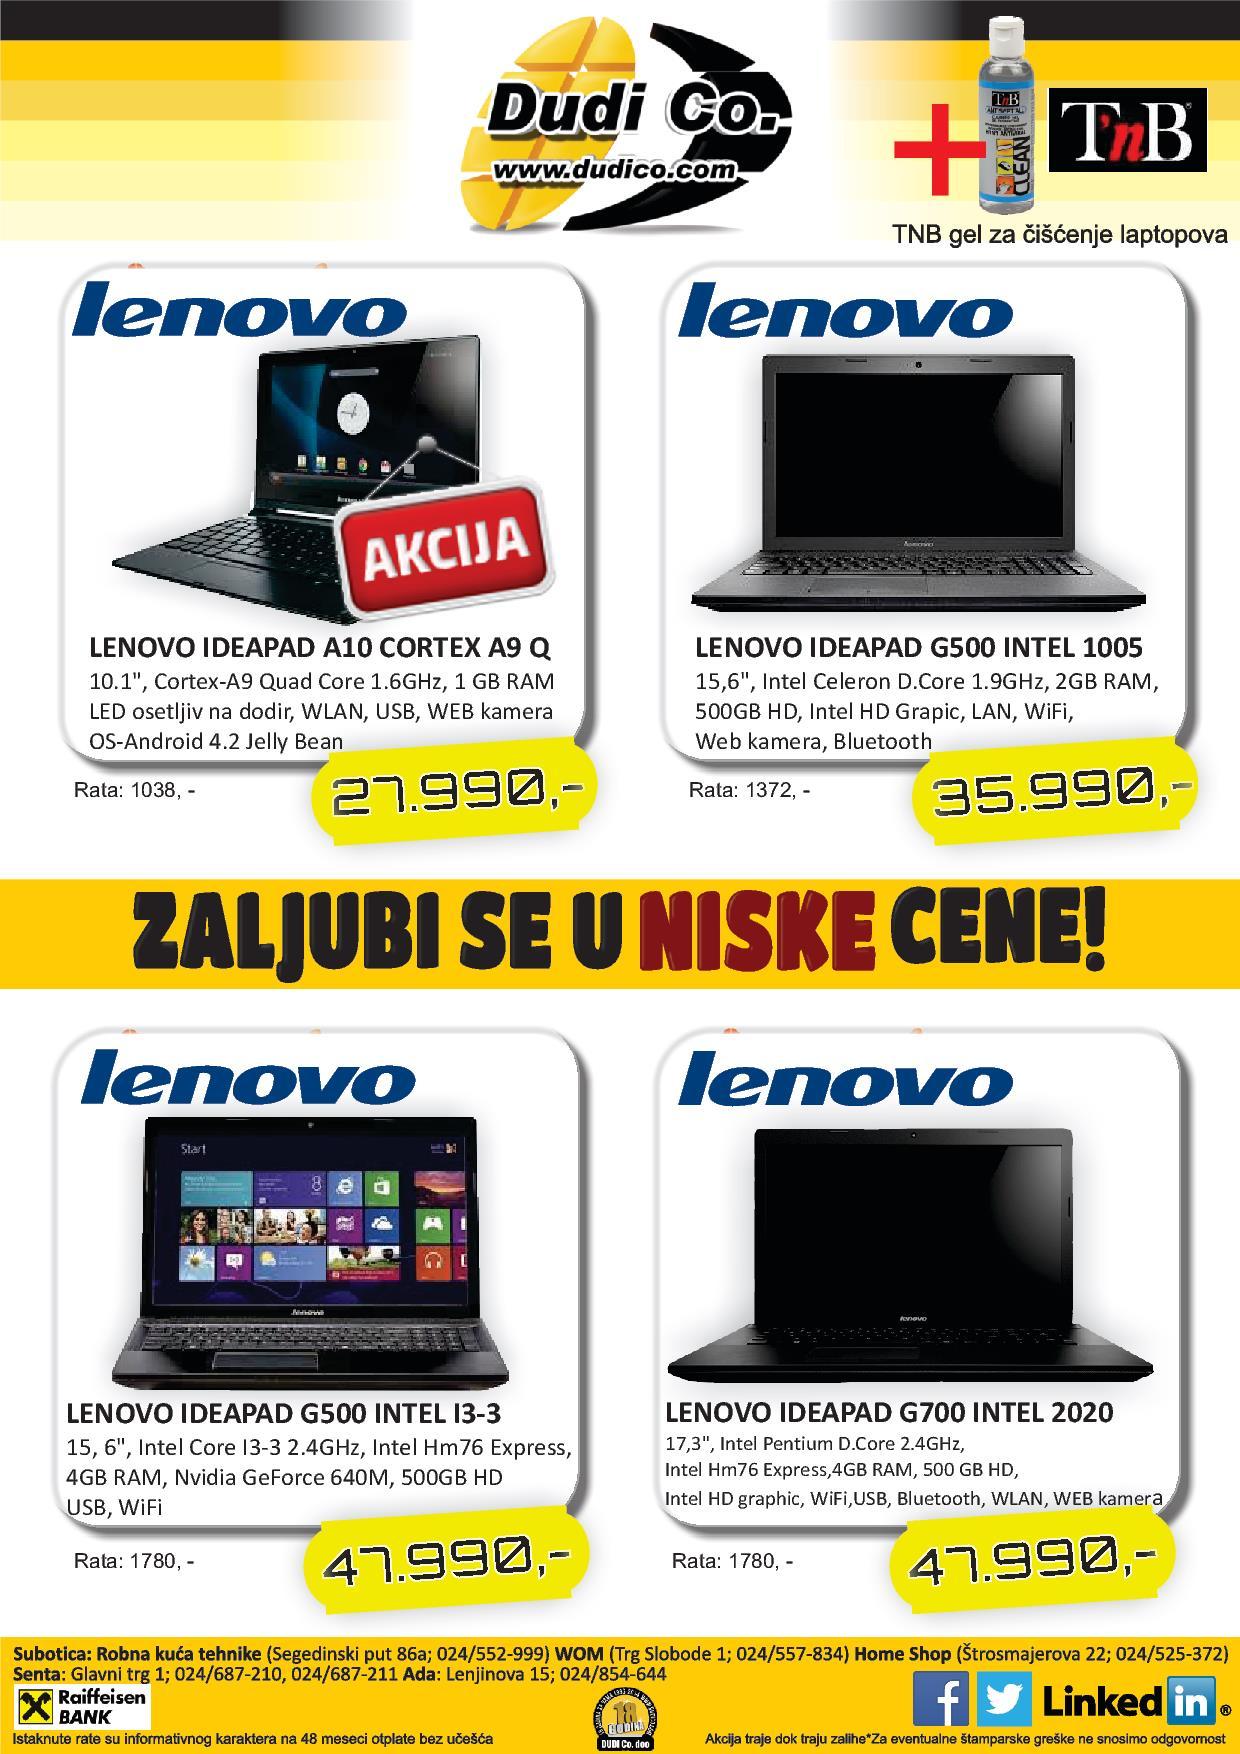 Dudico akcija laptop uređaja